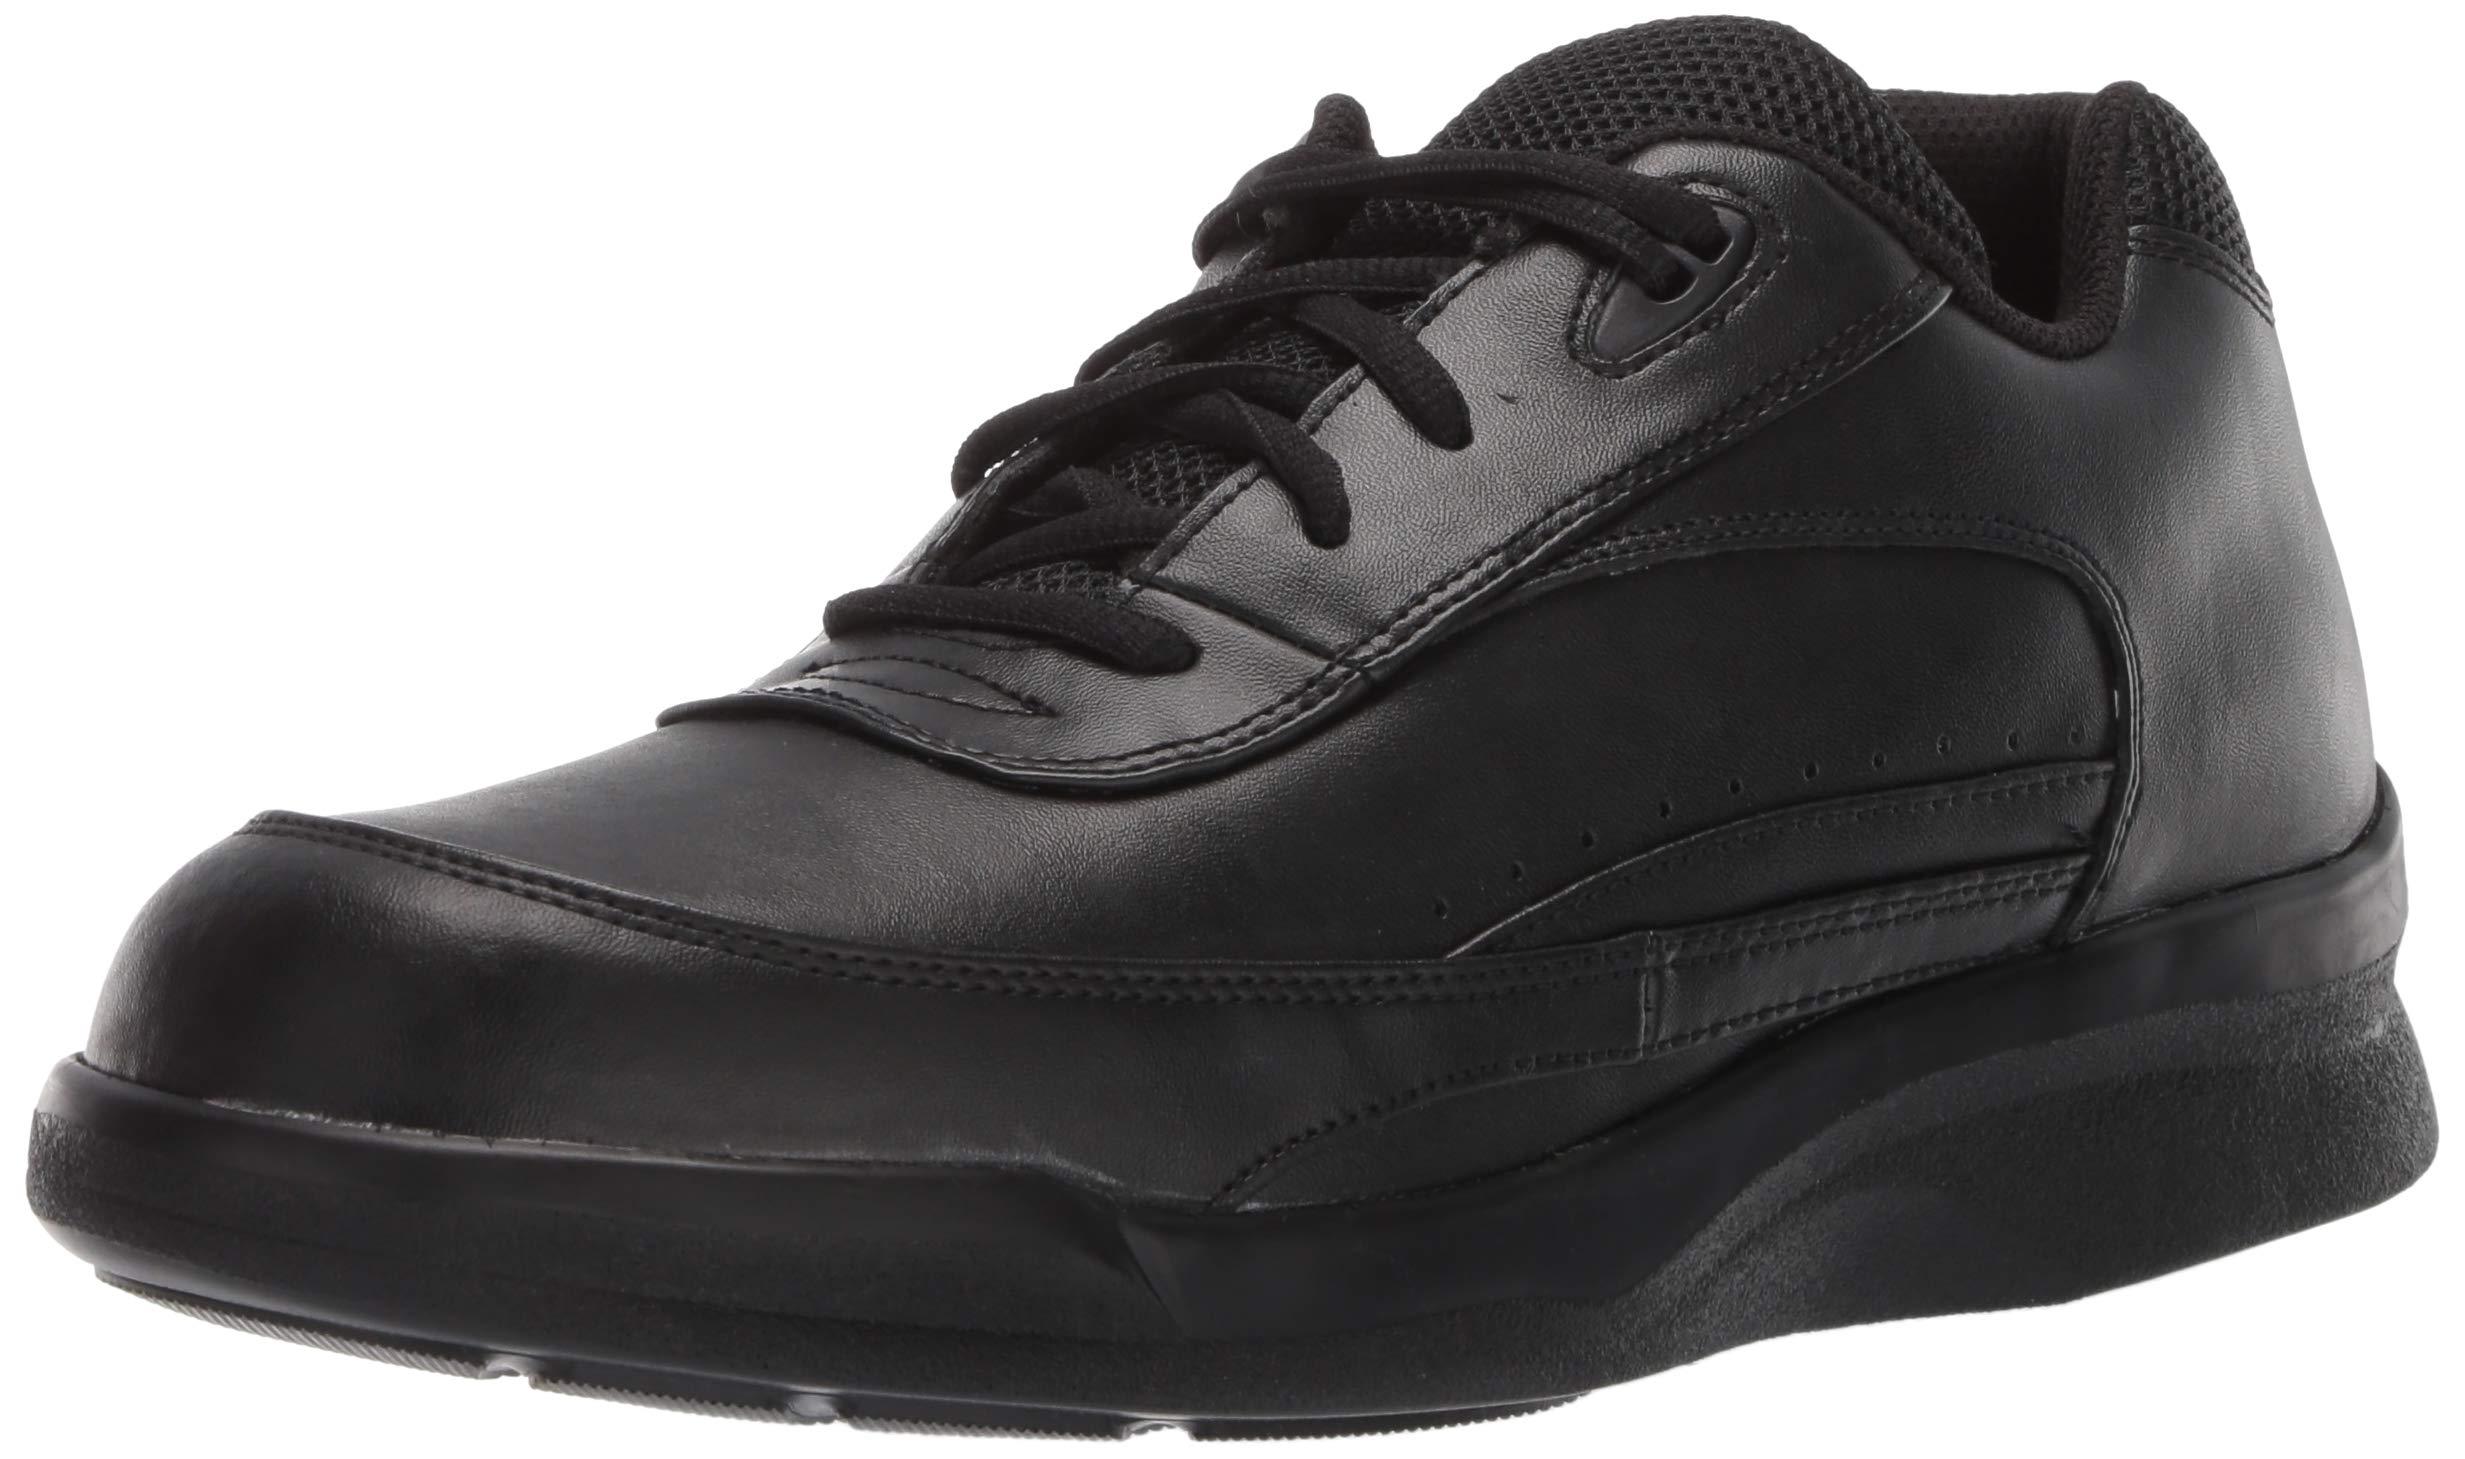 Apex Men's Men's Active Walker Lace - Biomechanical Black Shoe, Black, 11 XW US by Apex